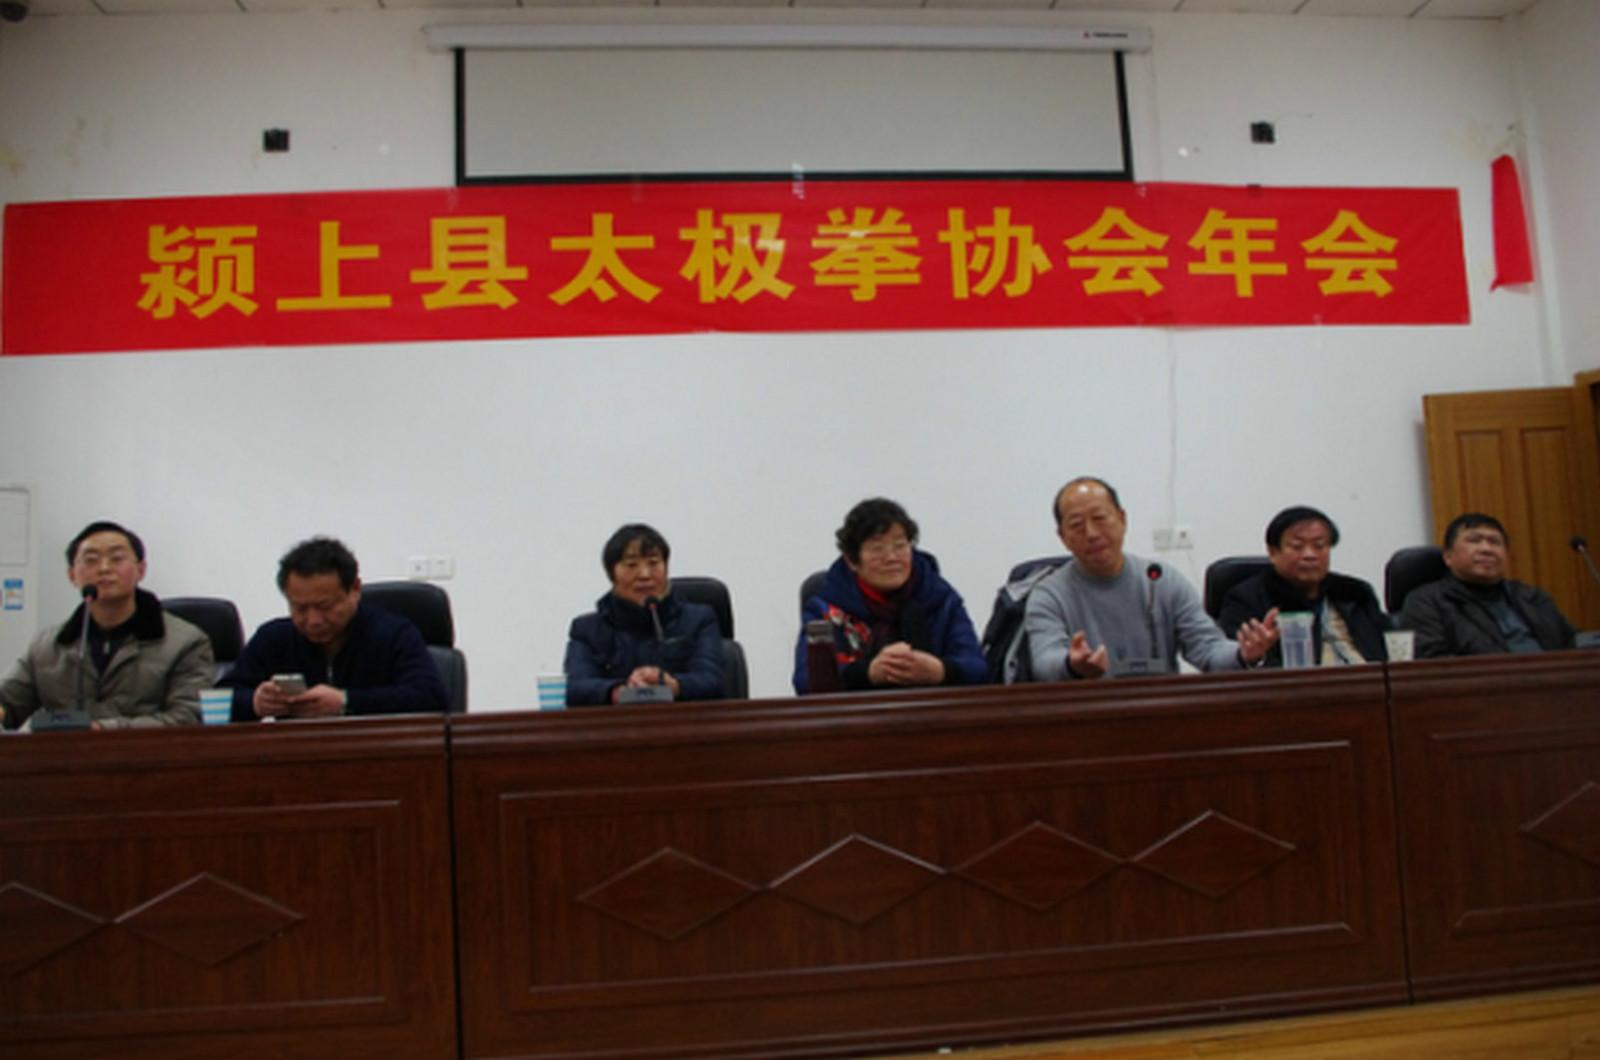 2017年1月8日,在颍上文广新体局一楼会议室,召开颍上县太极拳协会